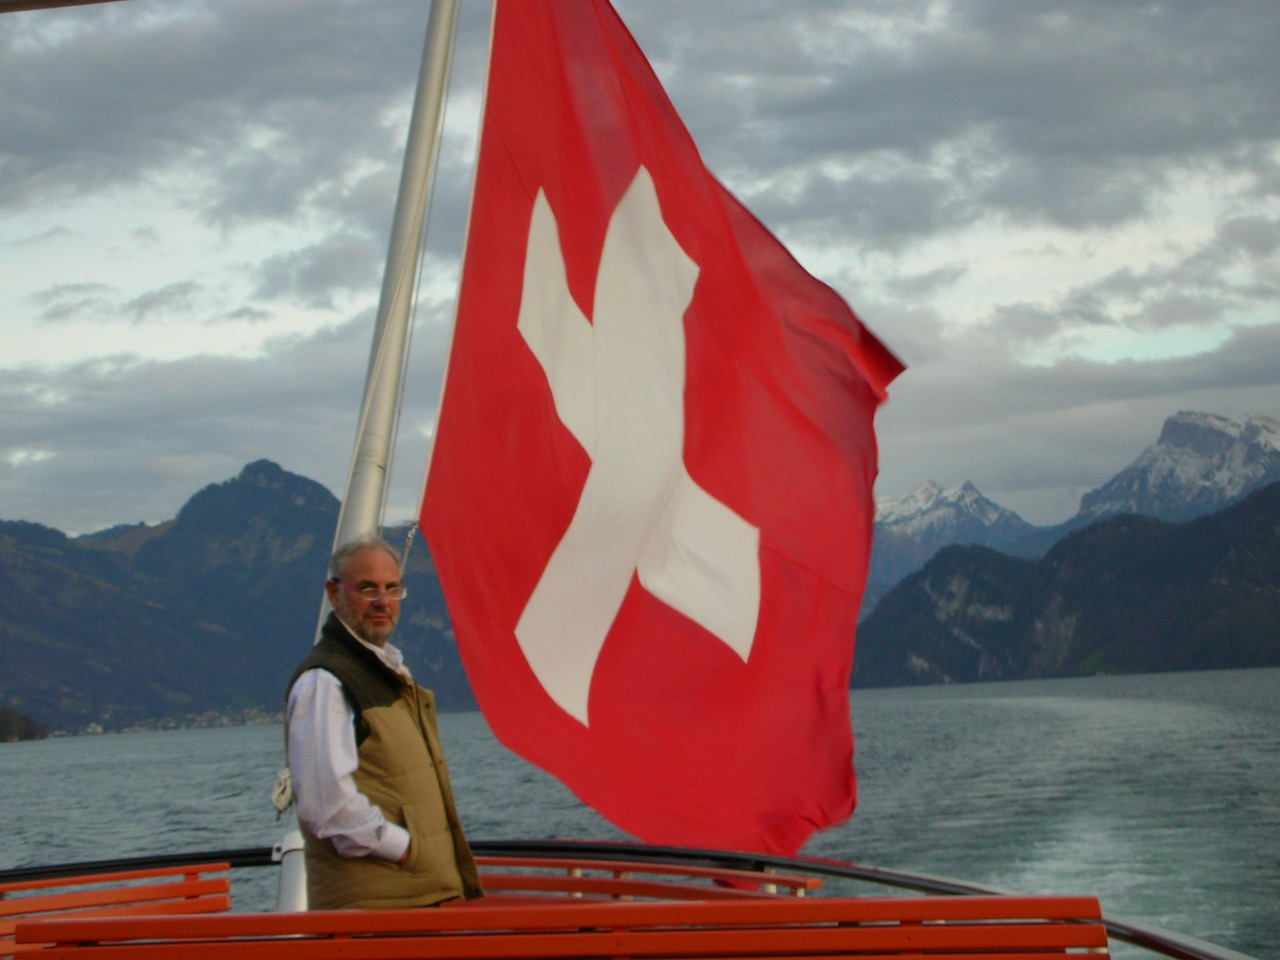 Philip Nitschke in Zurich